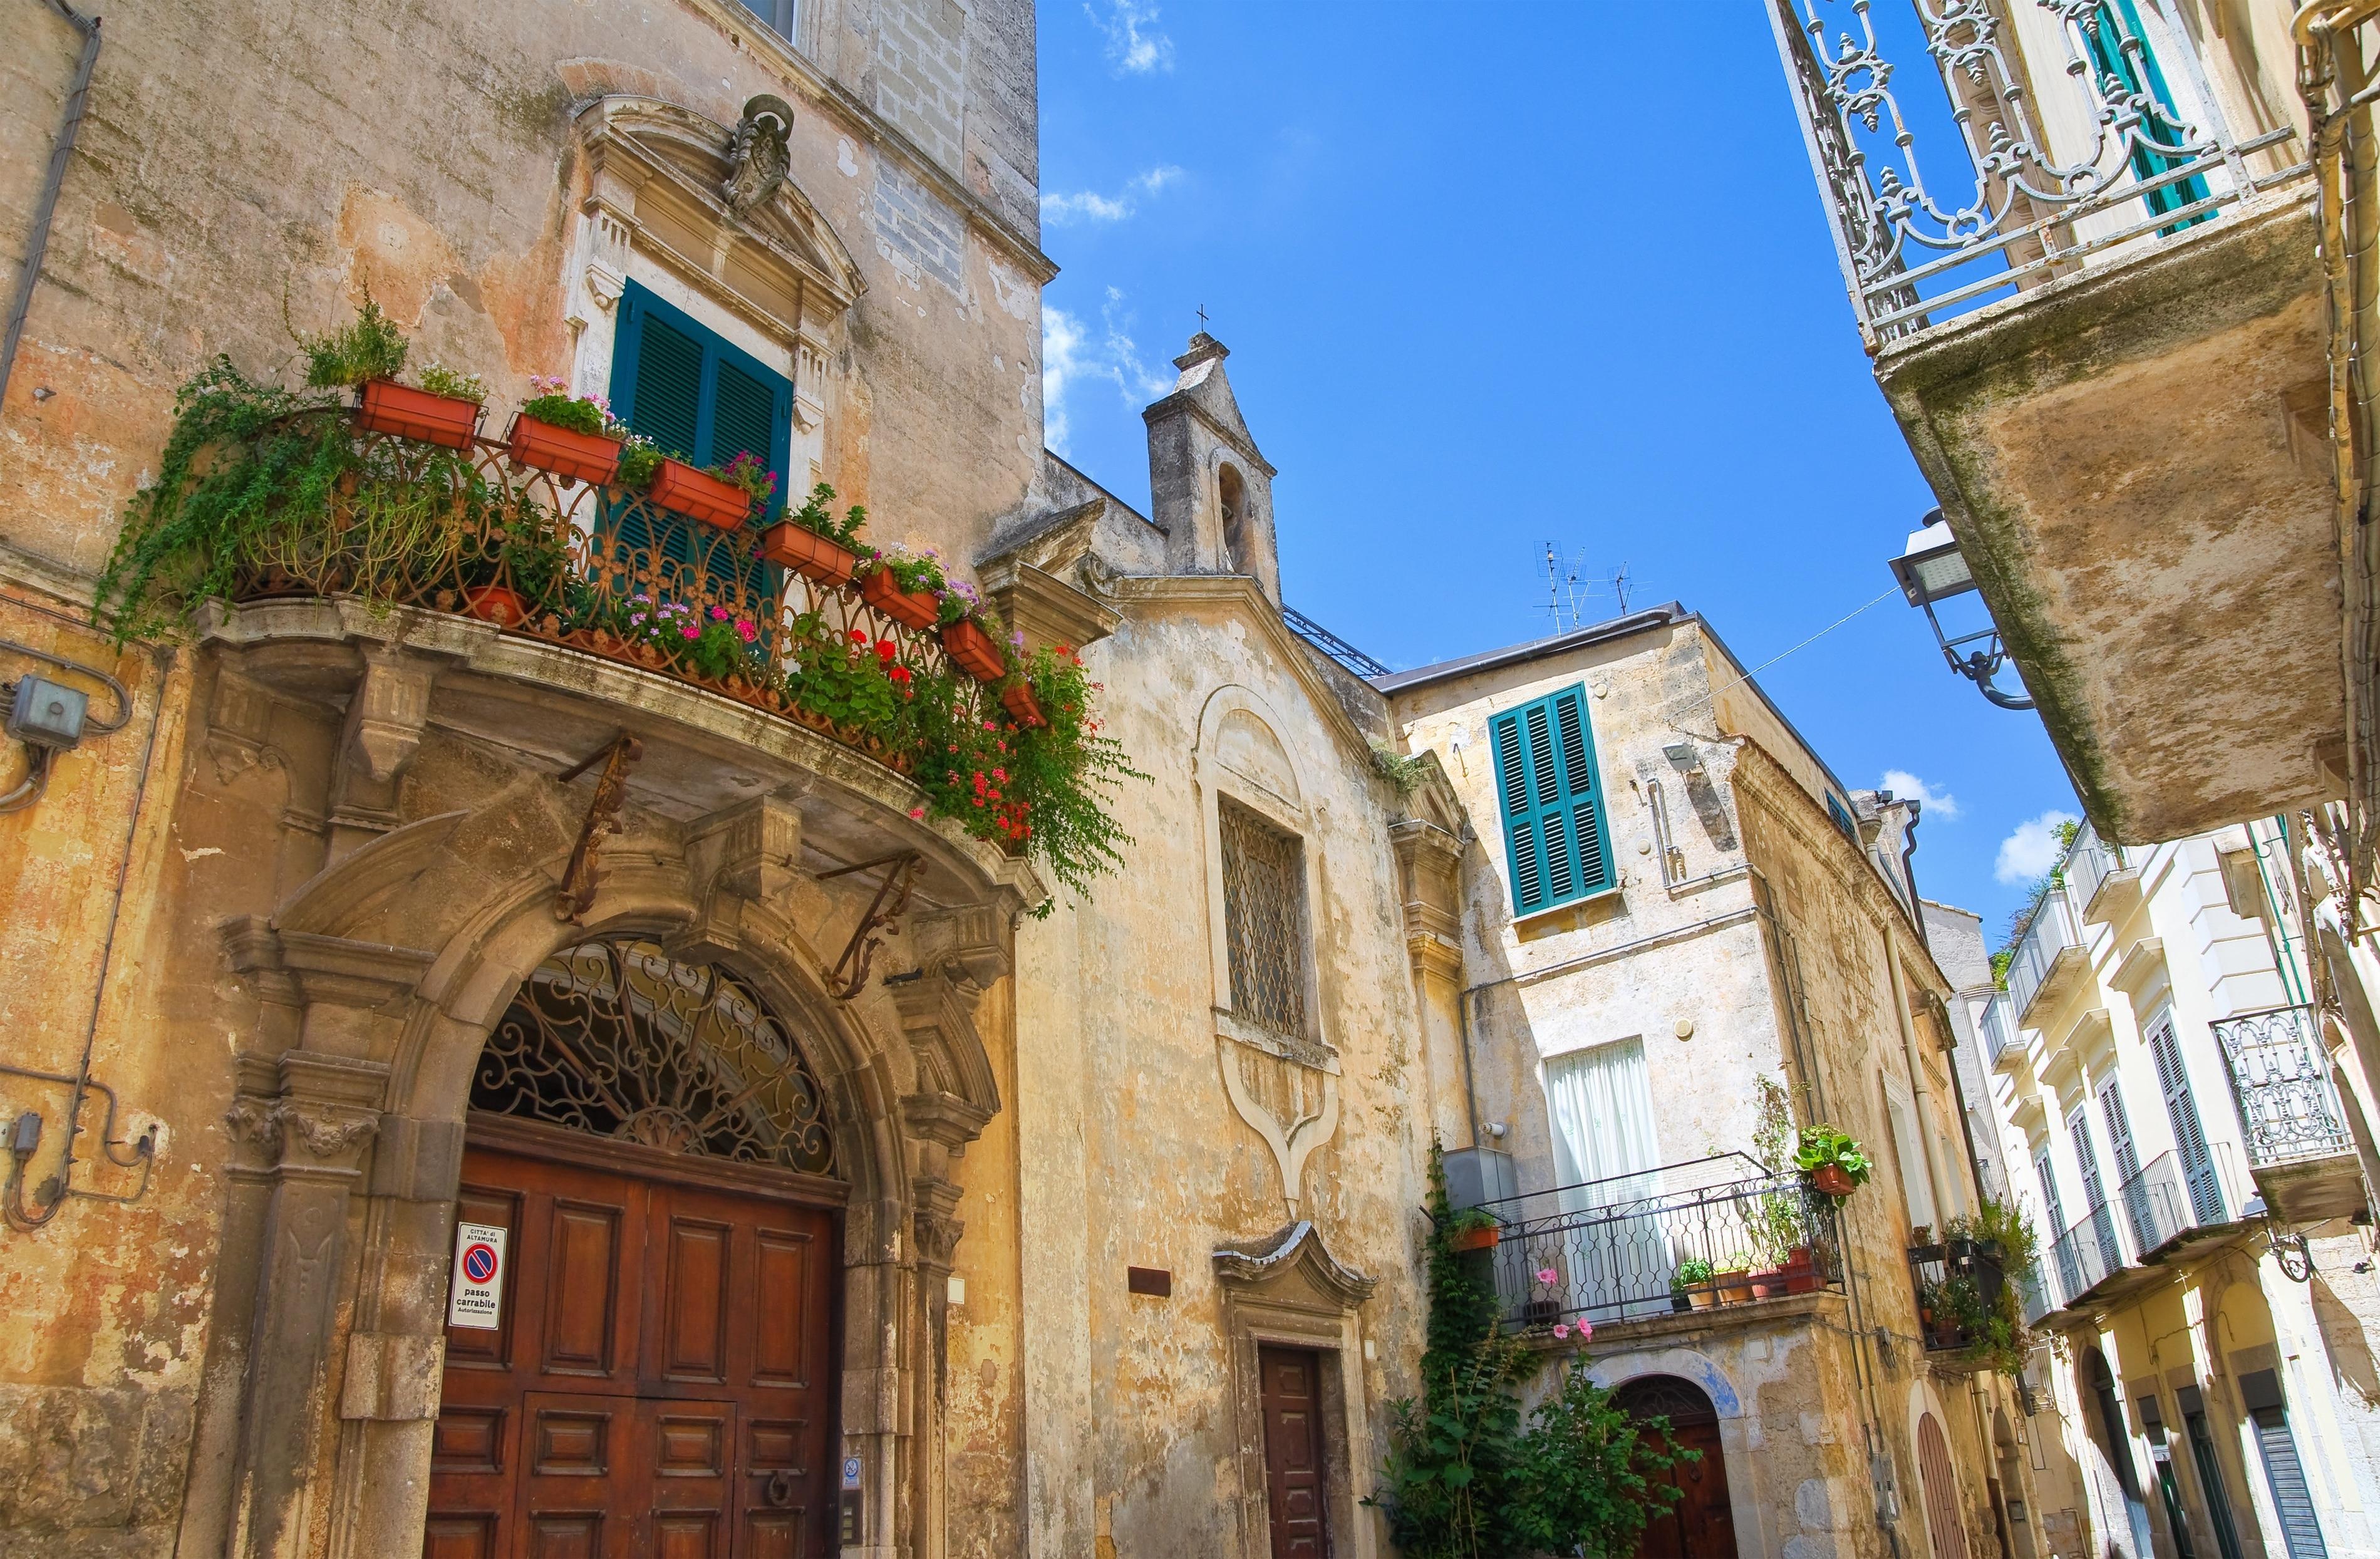 Altamura, Puglia, Italia